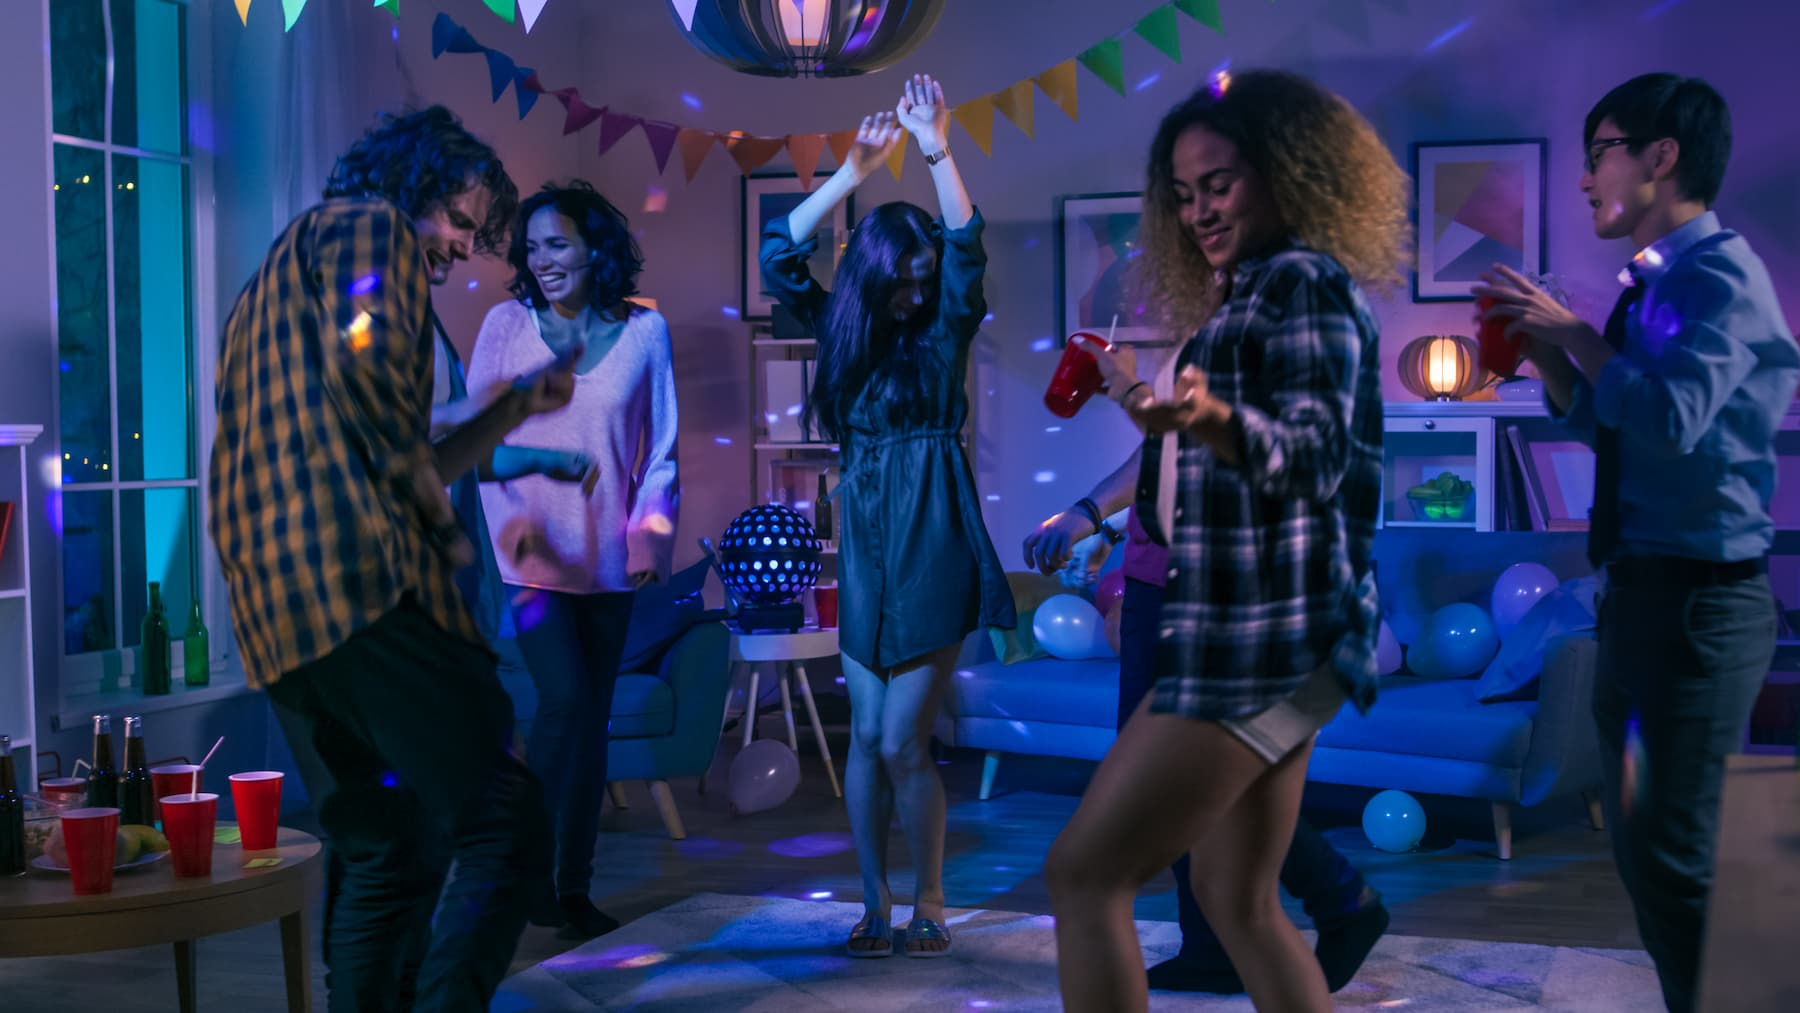 najpopularniejsze playlisty spotify, muzyka na imprezę, muzyka imprezowa